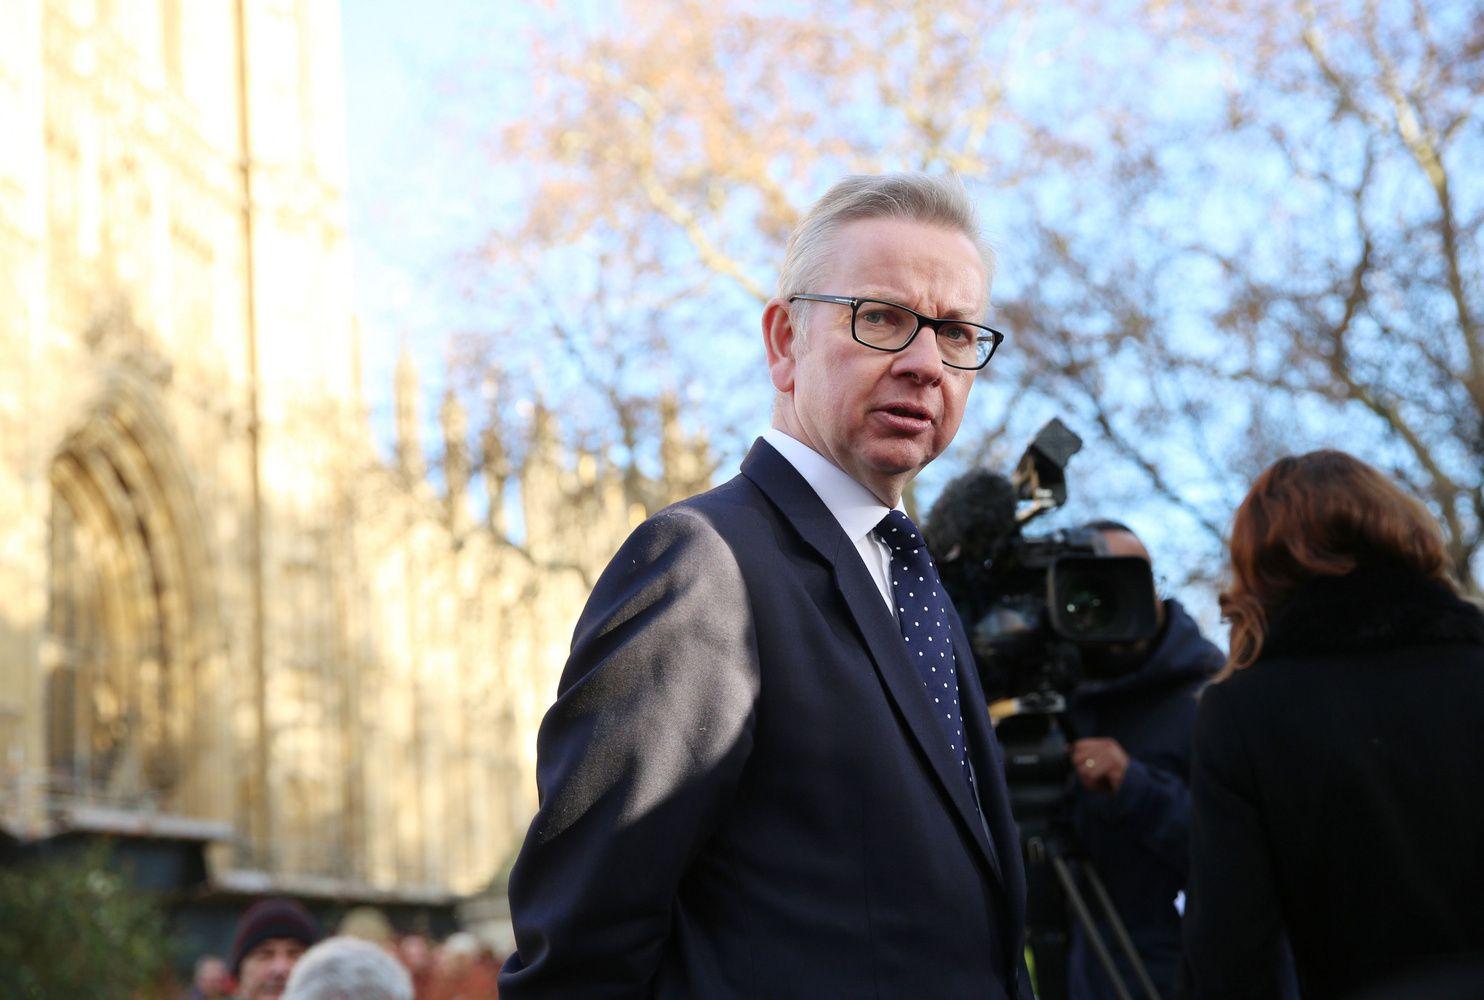 """JK ūkininkai ir maisto gamintojai sunerimę dėl turbulencijos, galinčios ištikti po """"Brexit"""""""